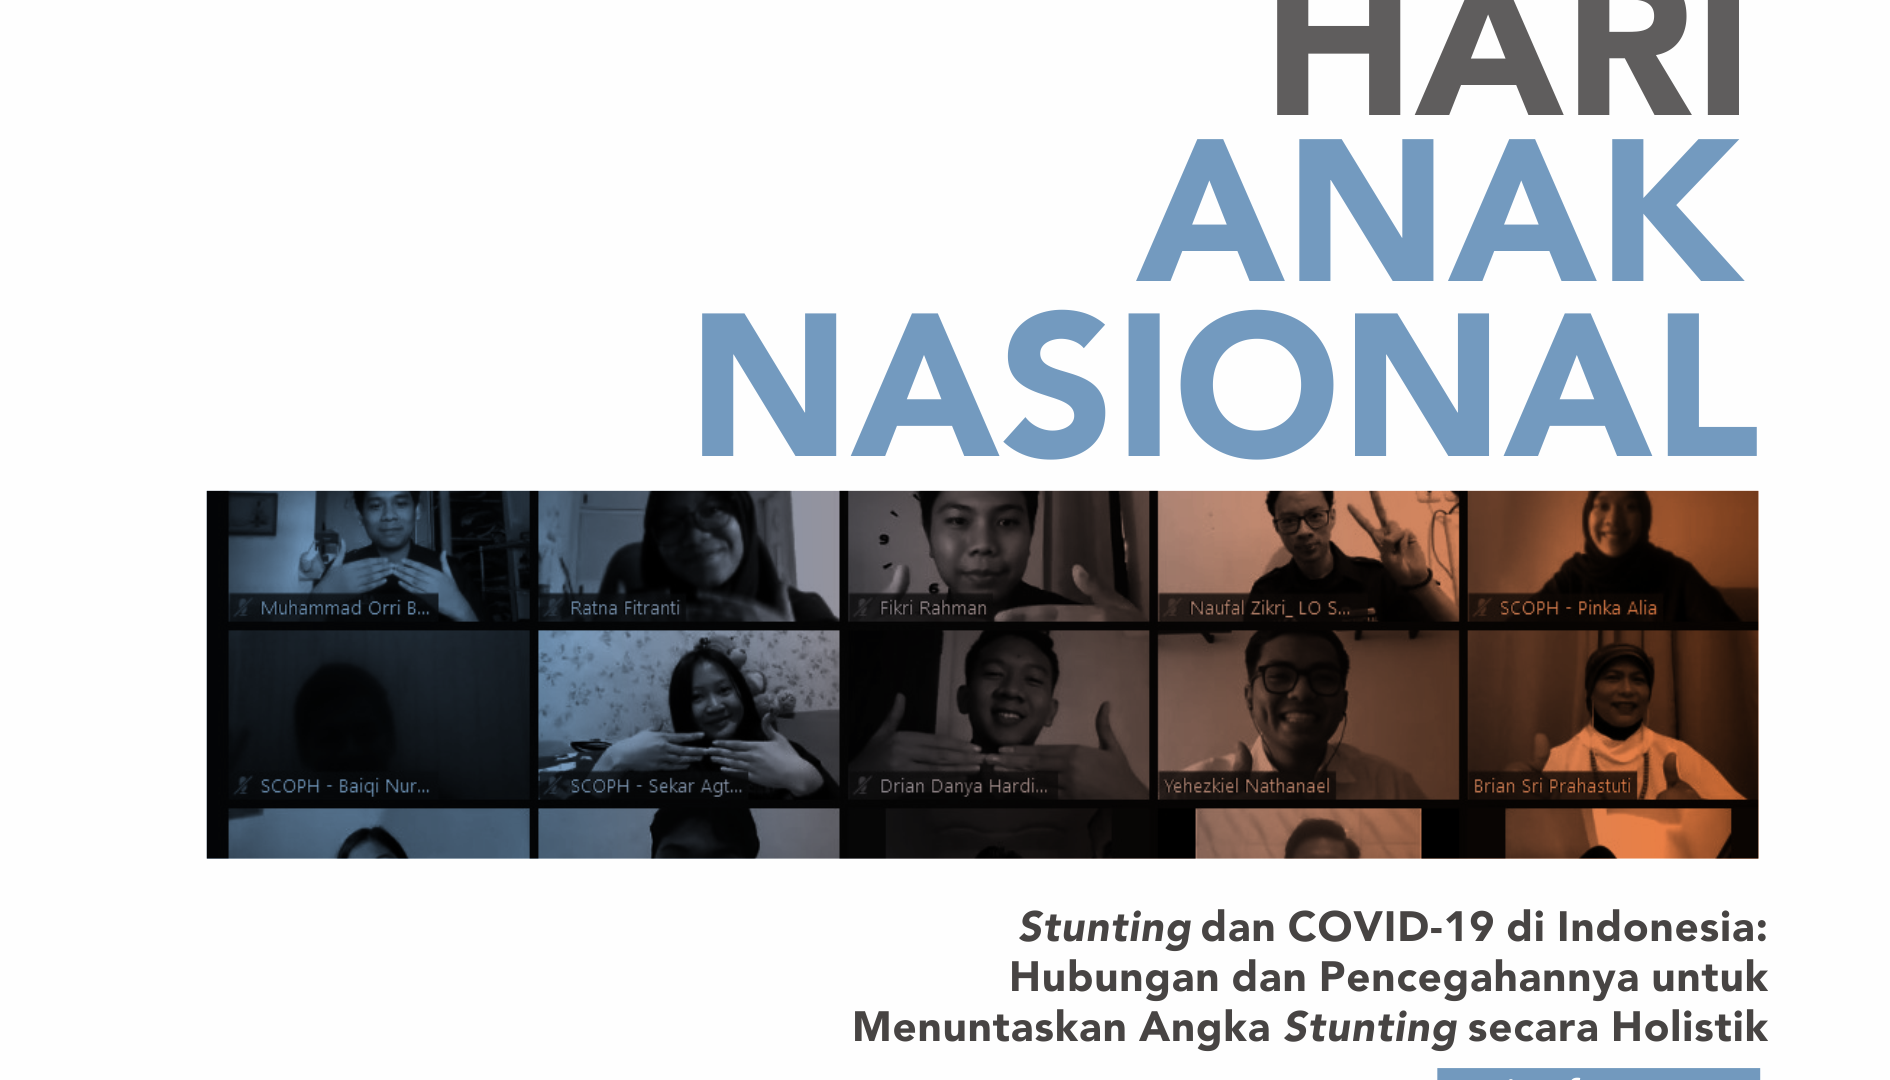 [WEBINAR HAN 2020: STUNTING DAN COVID-19 DI INDONESIA]